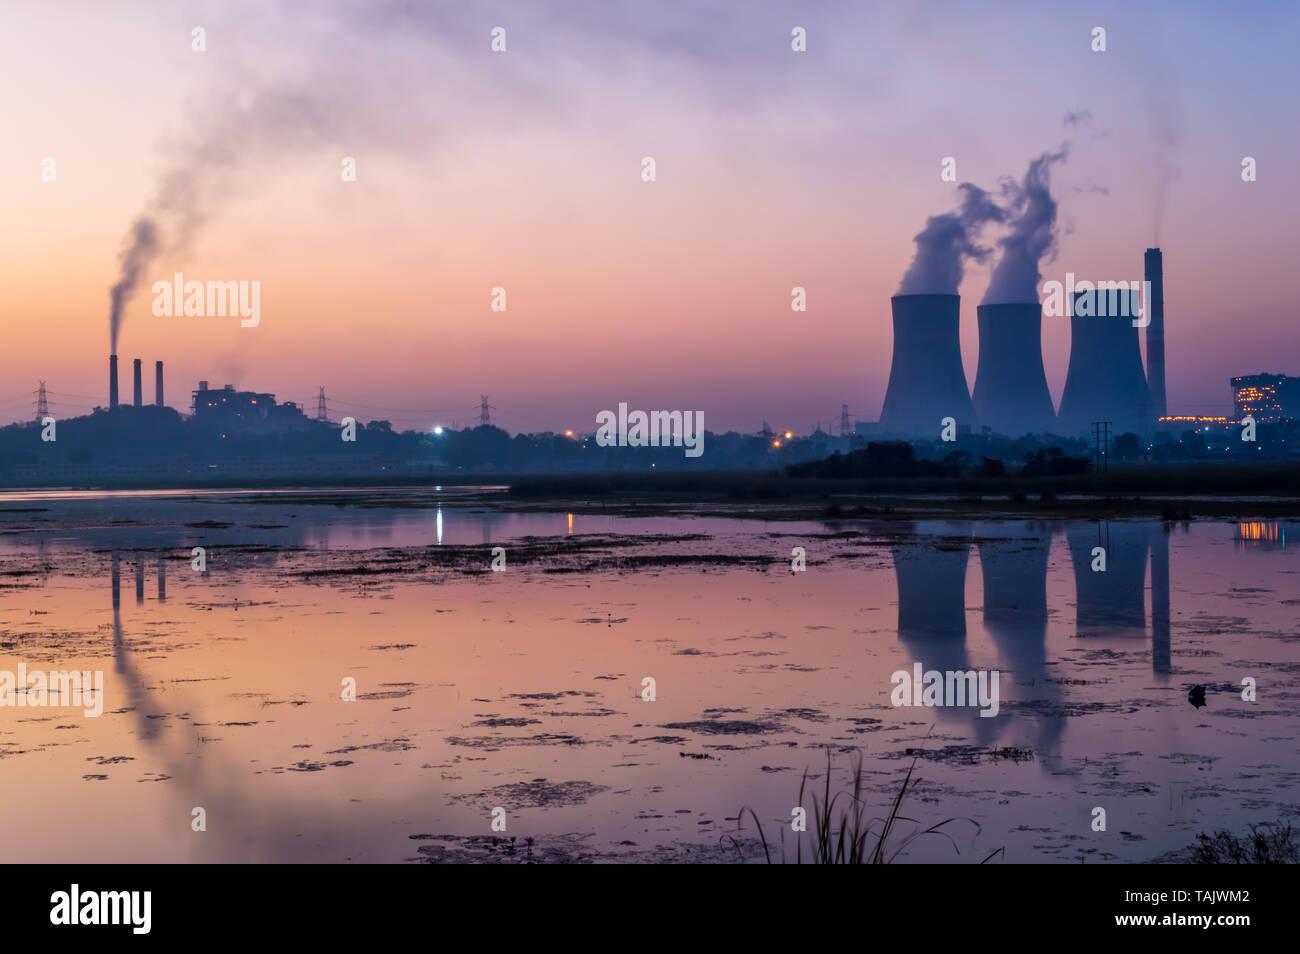 Powered de charbon thermique au dégagement de fumée et de vapeur à partir de la cheminée et tour de refroidissement. Reflet de la cheminée de la tour de refroidissement et sur le lac. Banque D'Images